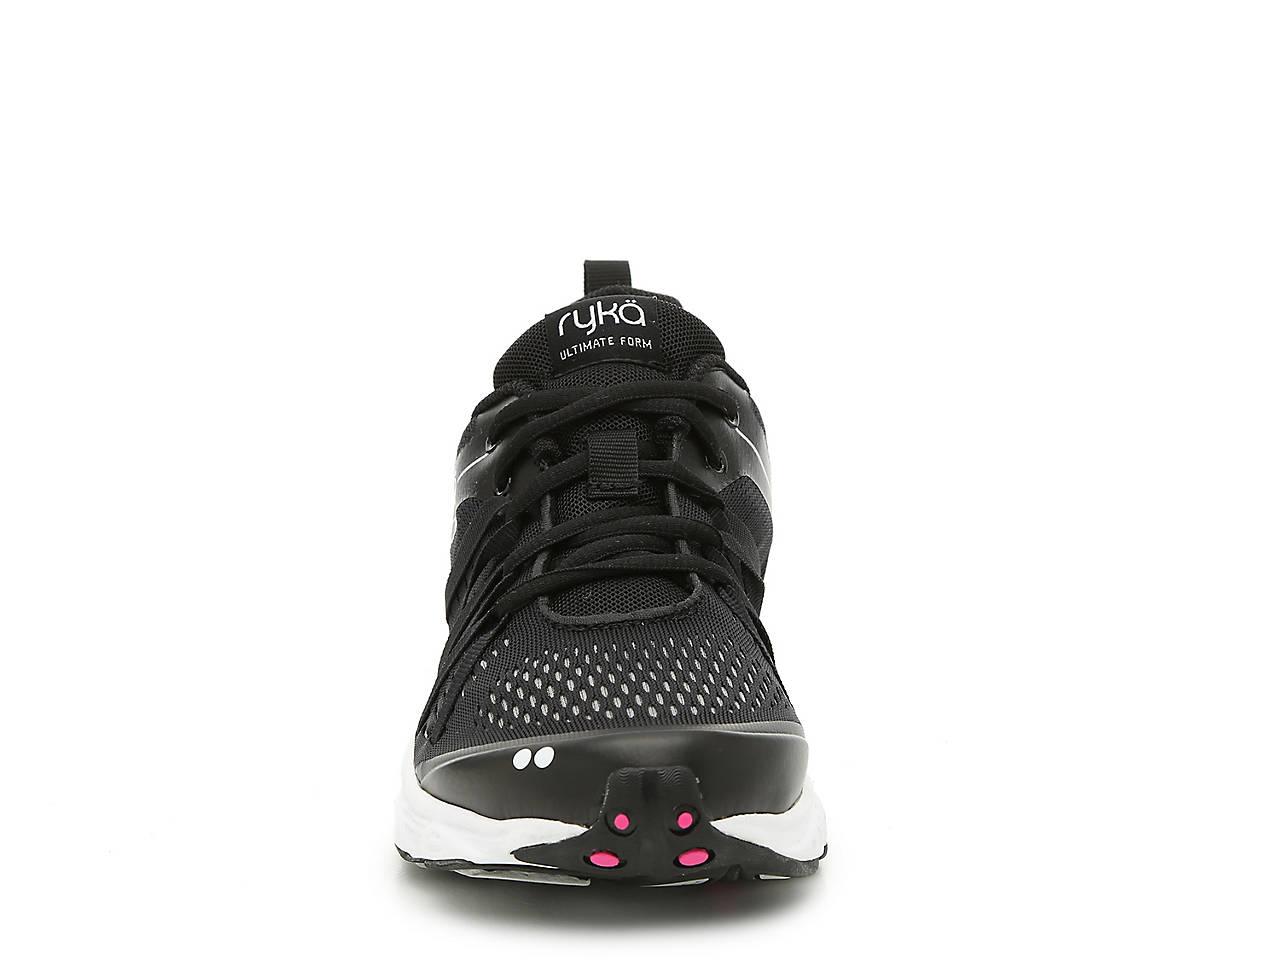 a97cfe2264 Ryka Ultimate Form Training Shoe - Women s Women s Shoes